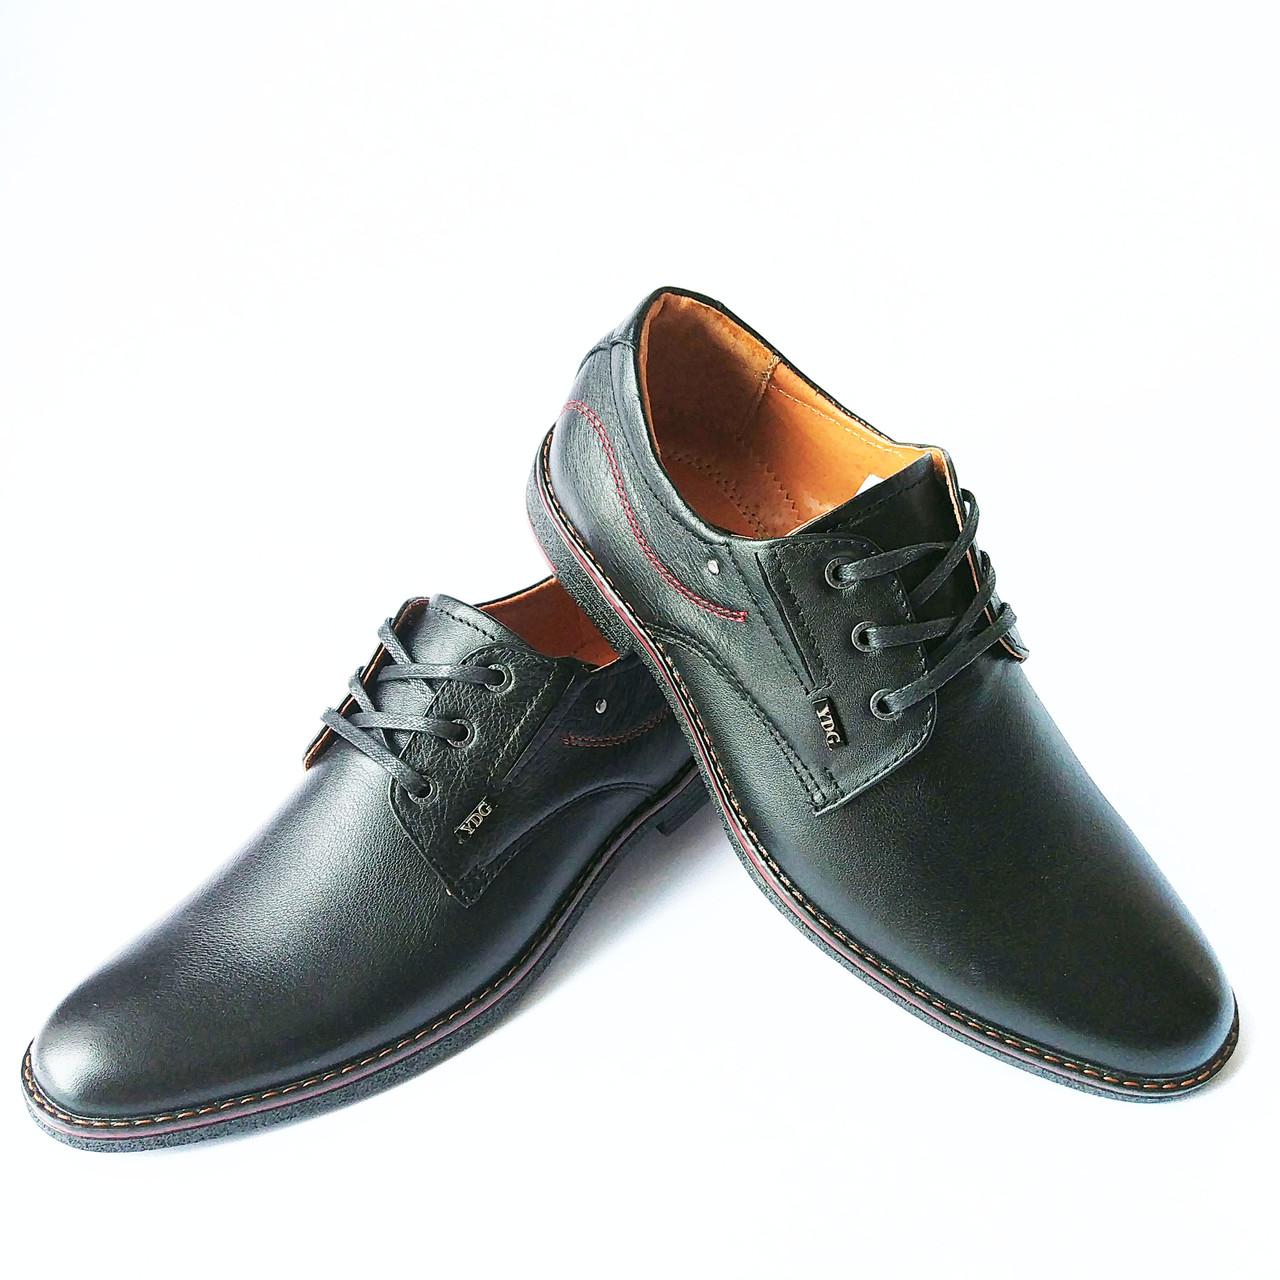 Мужская обувь YDG bellini   туфли кожаные, черные, повседневные -  Интернет-магазин